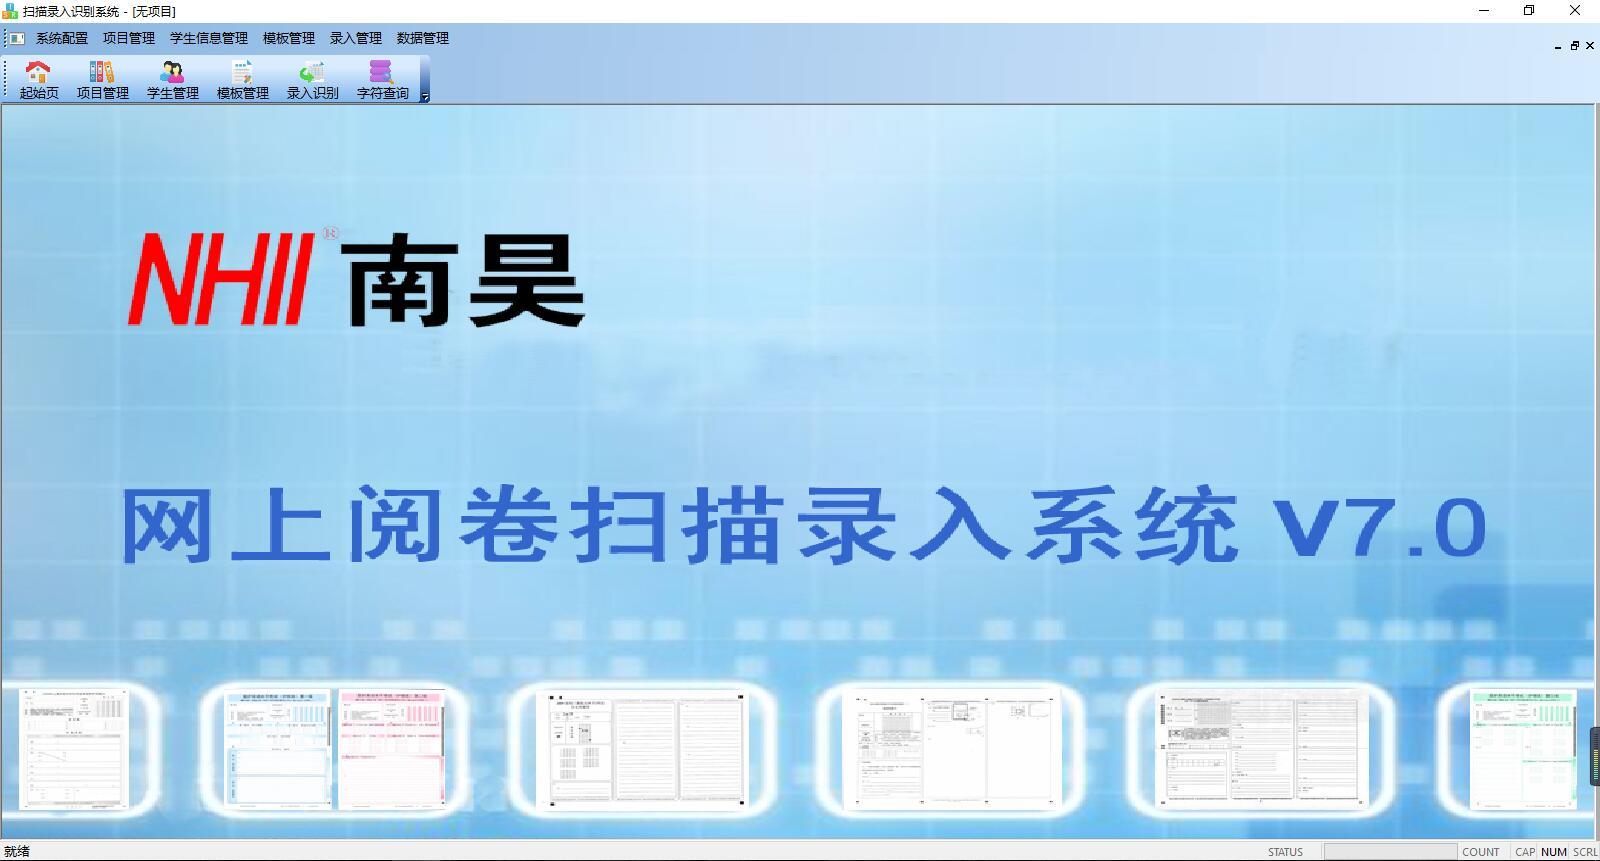 扫描仪网上阅卷系统生产专业 网上阅卷系统采购|行业资讯-河北省南昊高新技术开发有限公司